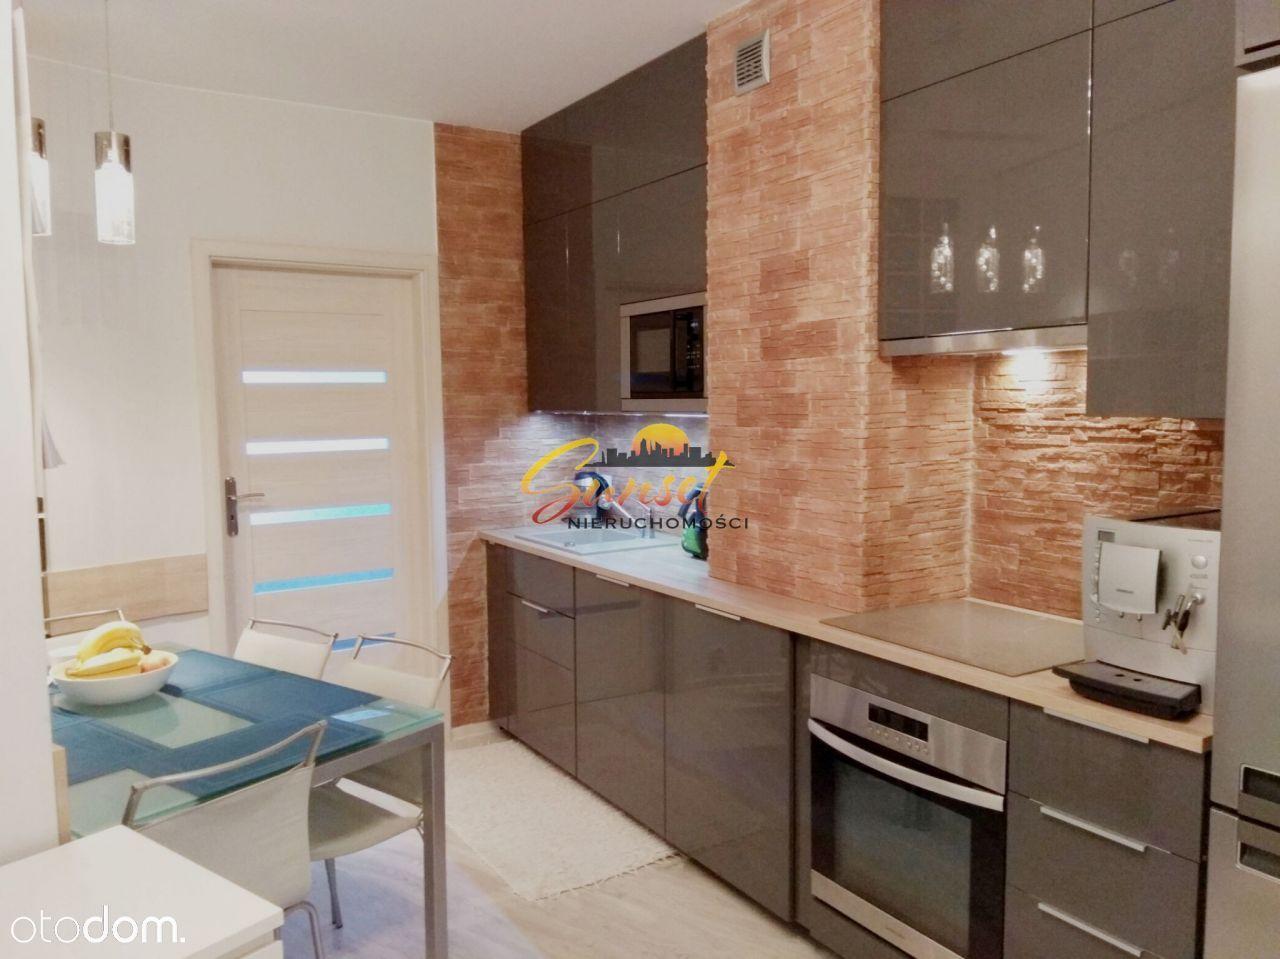 Mieszkanie 60m² Okazyjna Cena Targówek/Zacisze